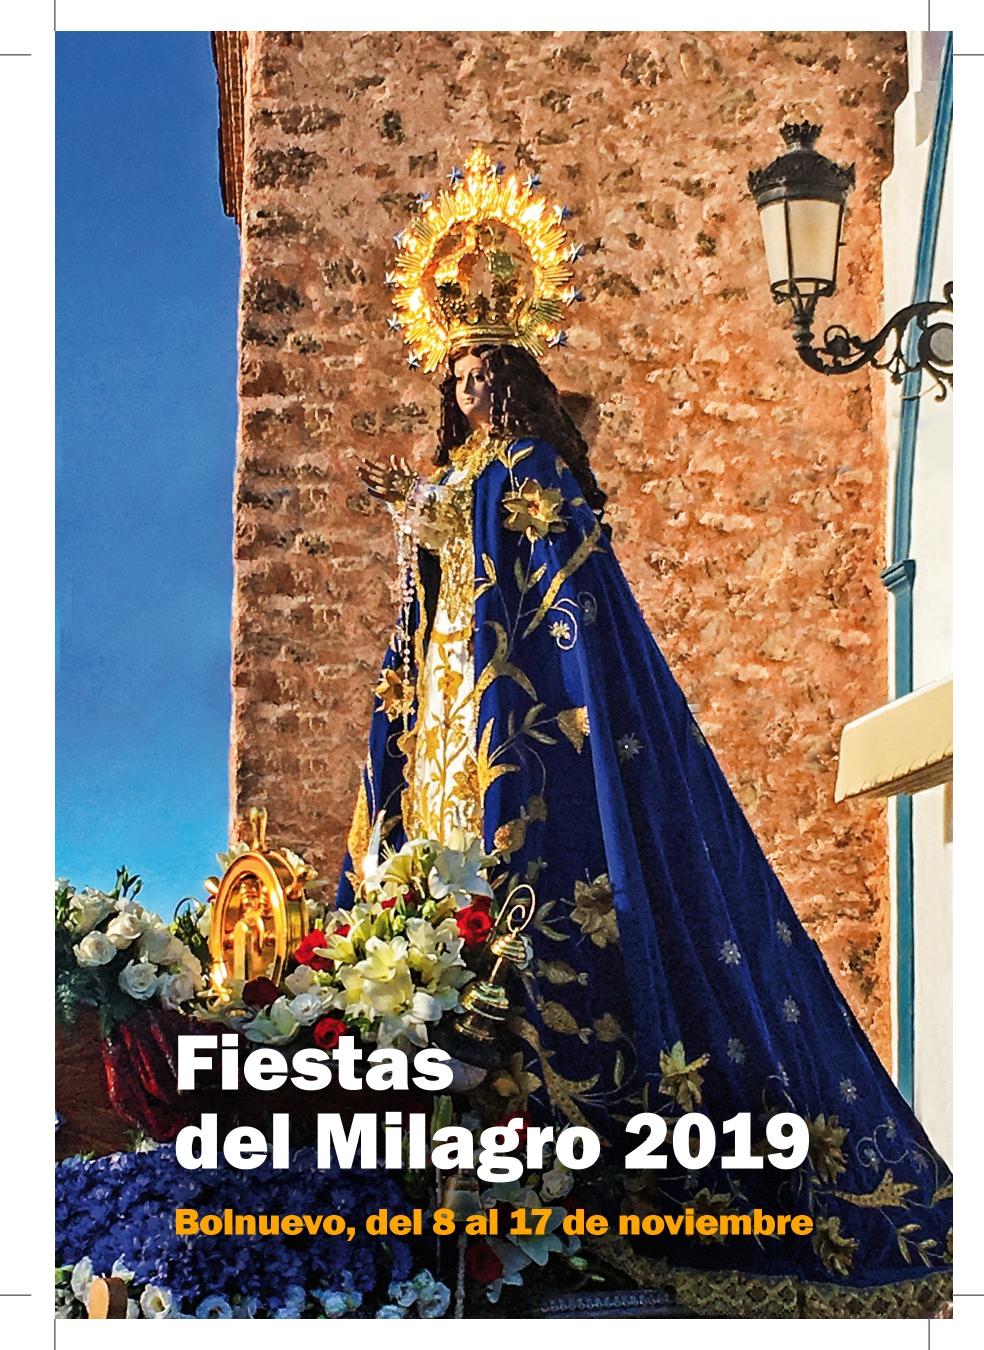 DESCARGA-AQUI-PROGRAMA-FIESTAS-DEL-MILAGRO-2019_page-0001.jpg